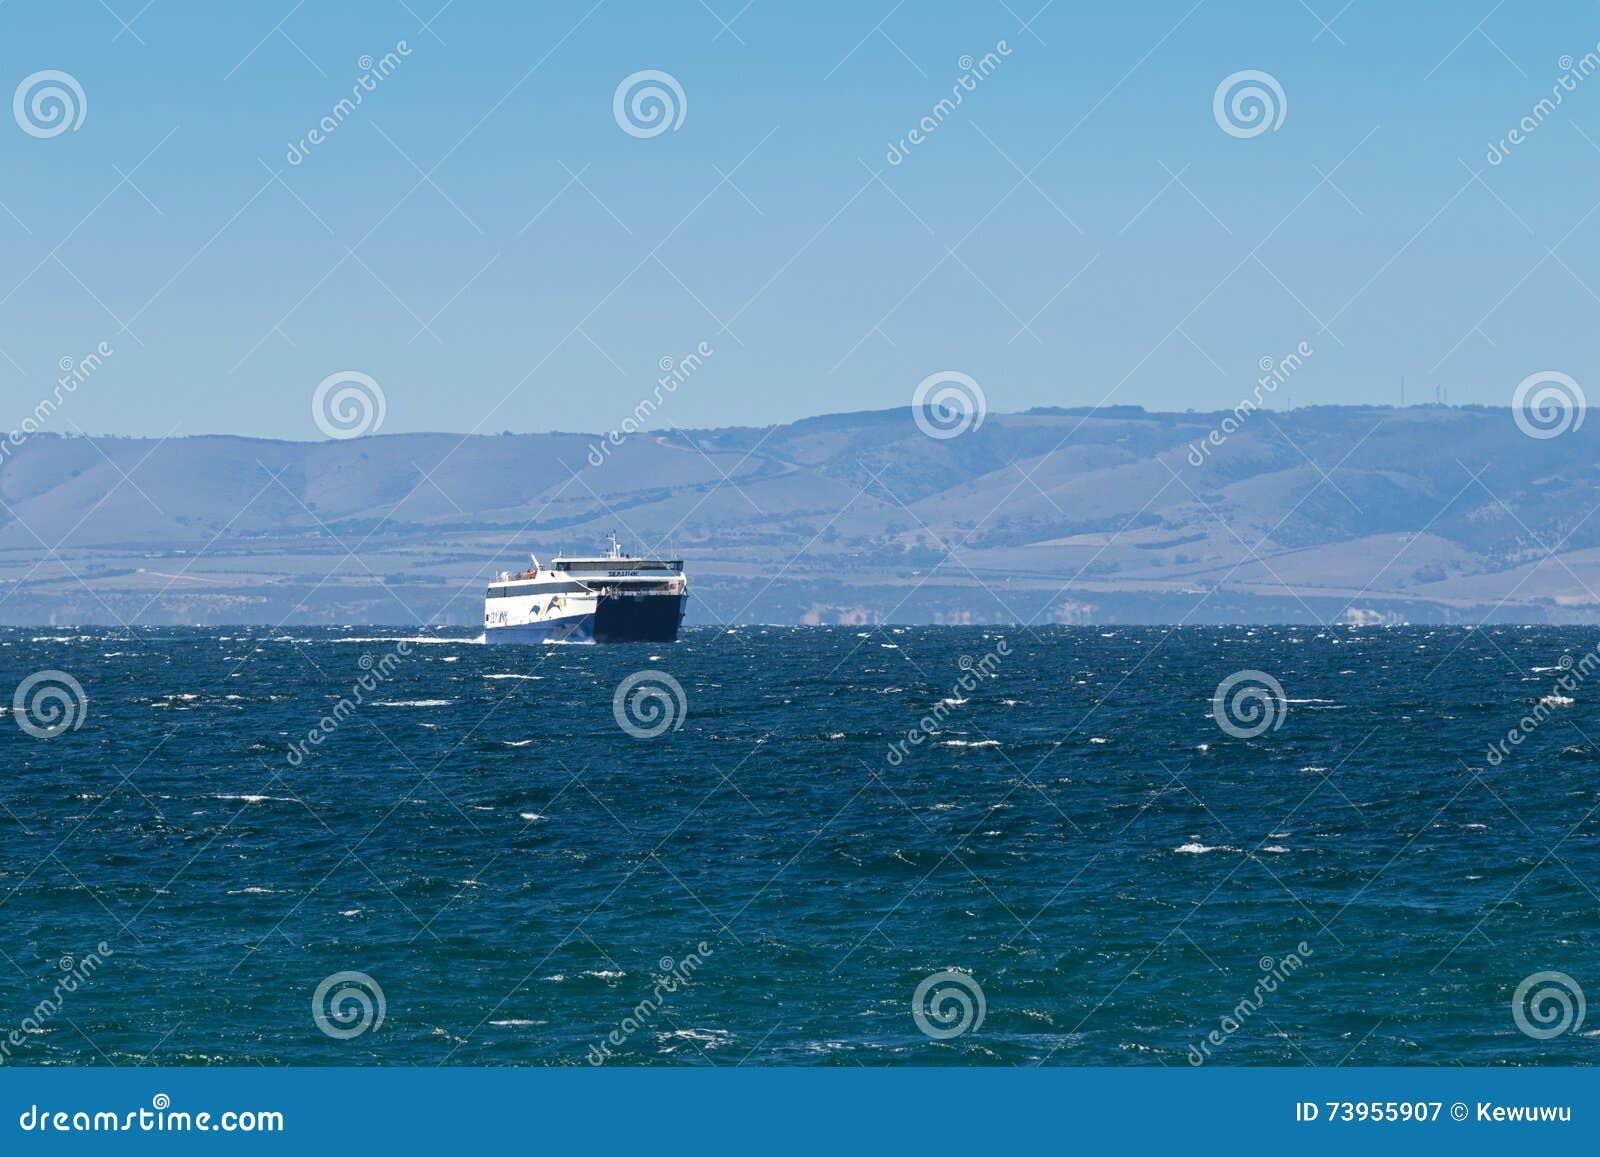 Prices Kangaroo Island Ferry